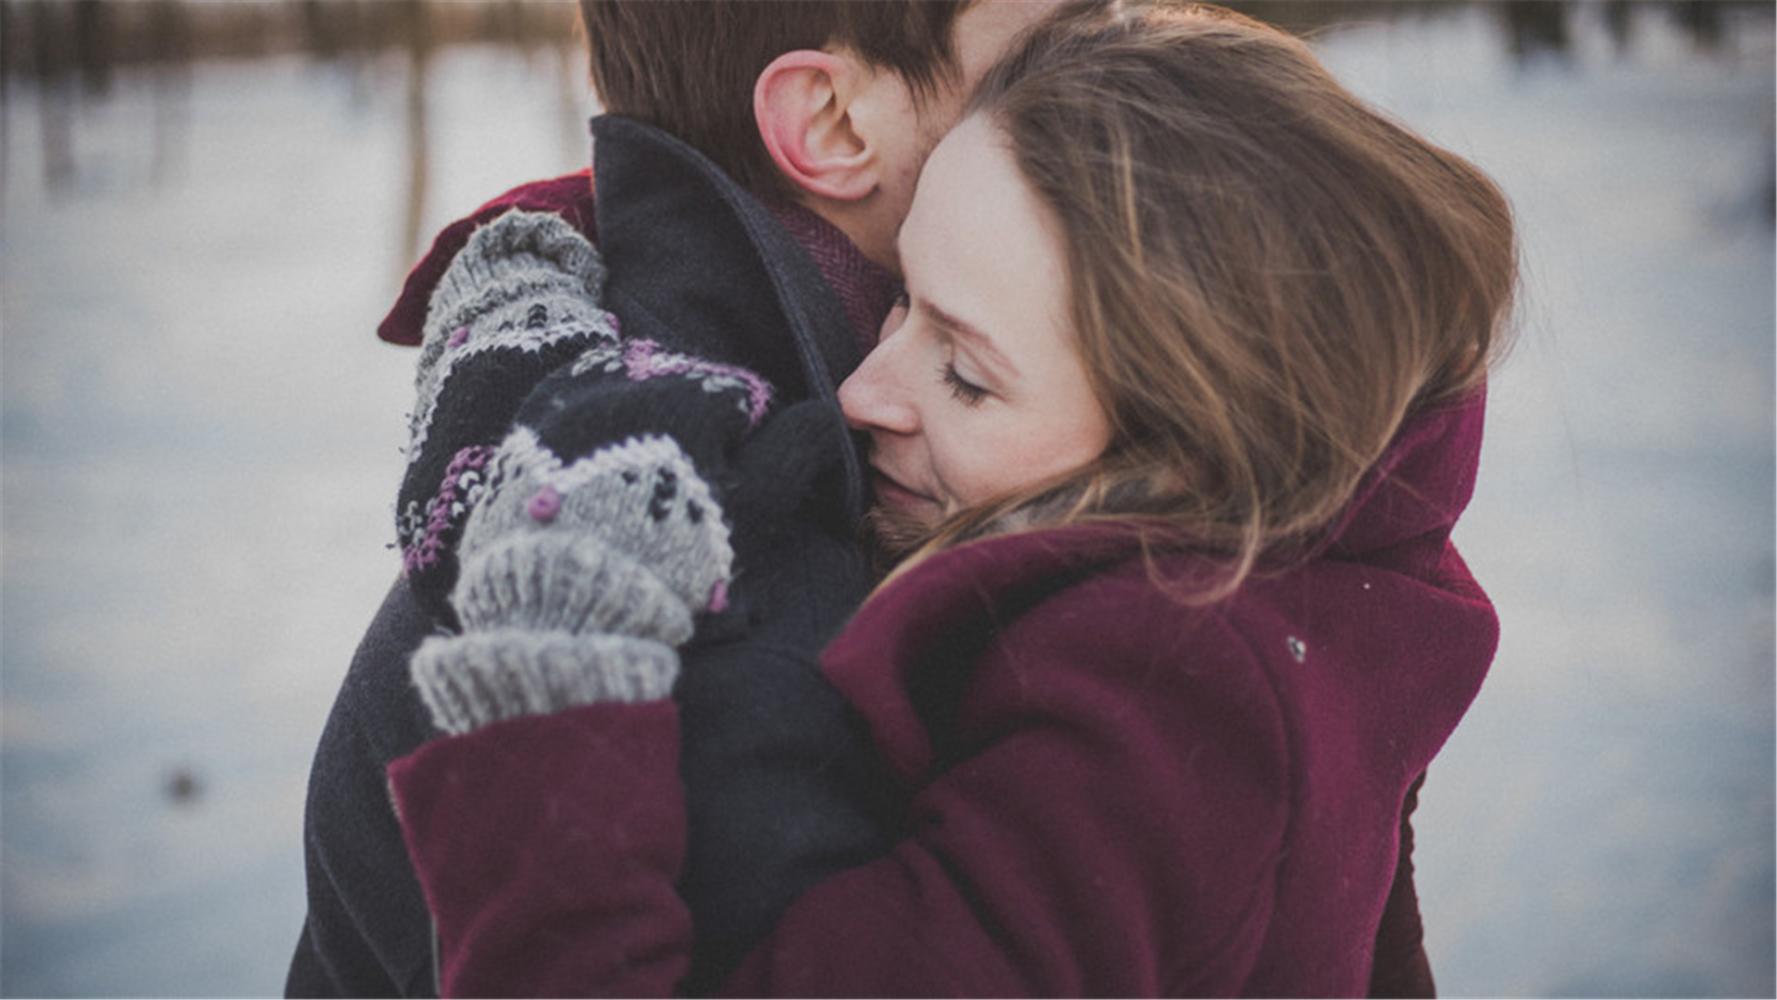 往后余生, 和这样爱你的男人一起走, 才能幸福